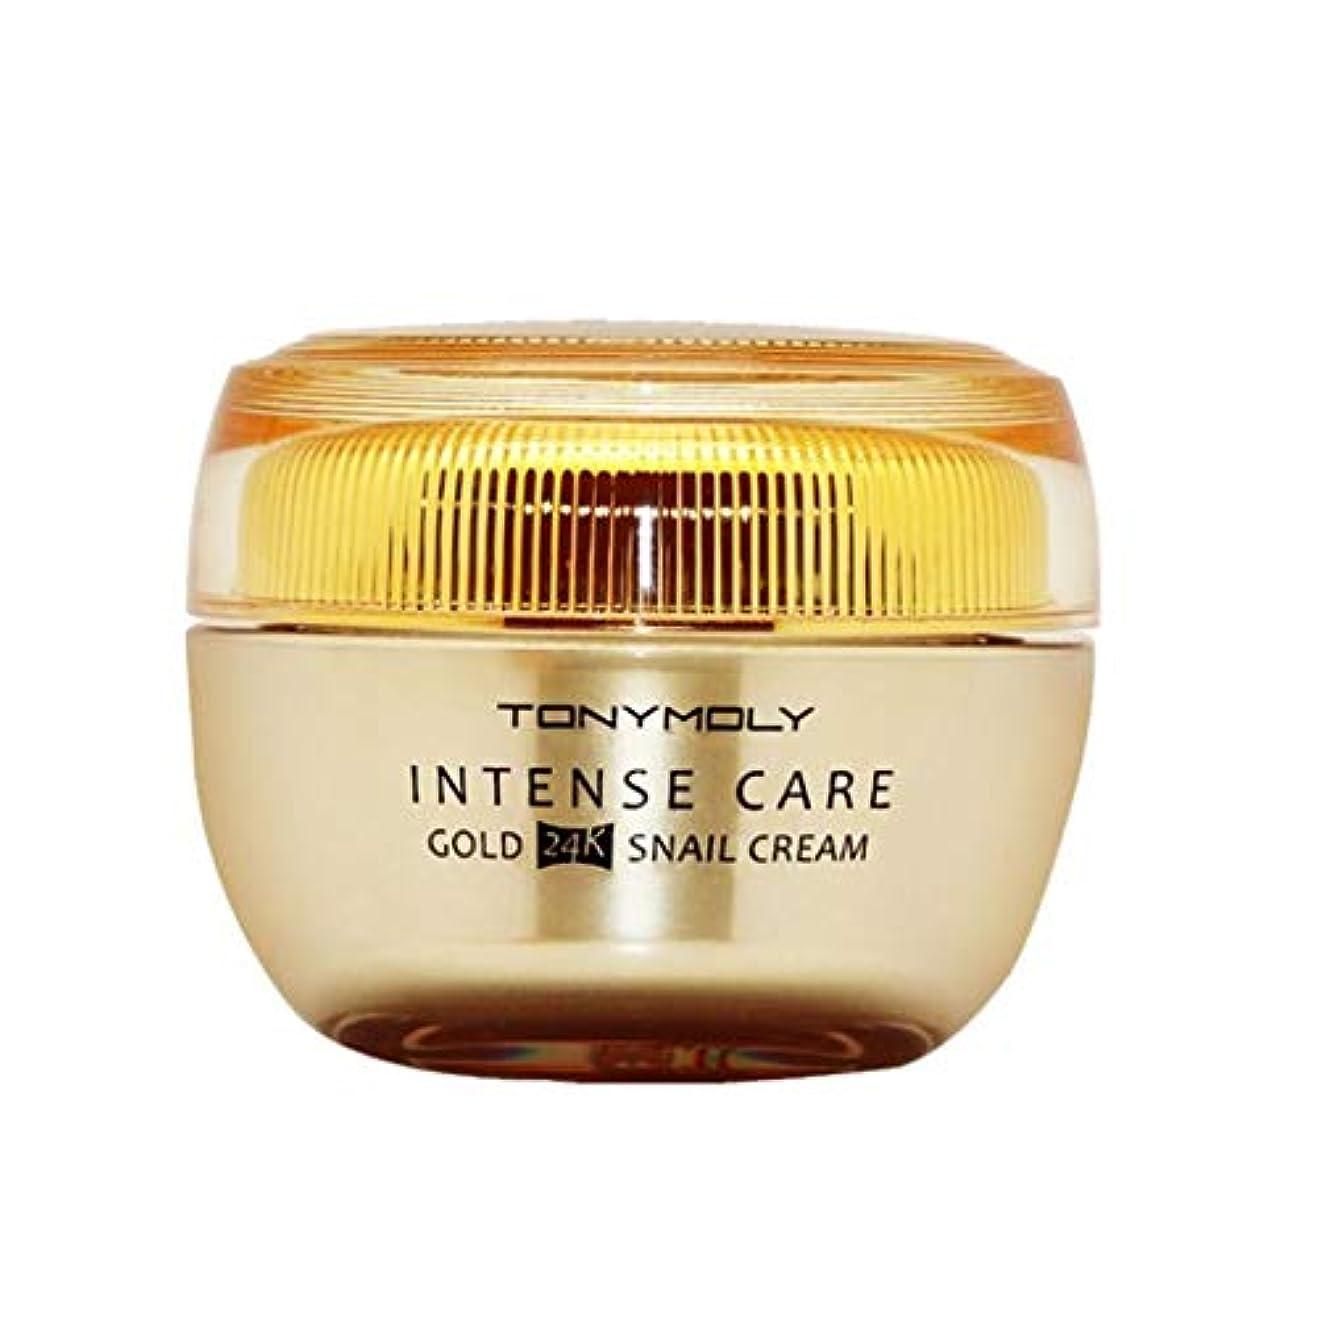 フレアキャンパスこだわりトニーモリーインテンスケアゴールド24Kスネールクリーム45ml x 2本セット美白、シワ改善クリーム、Tonymoly Intense Care Gold 24K Snail Cream 45ml x 2ea Set...